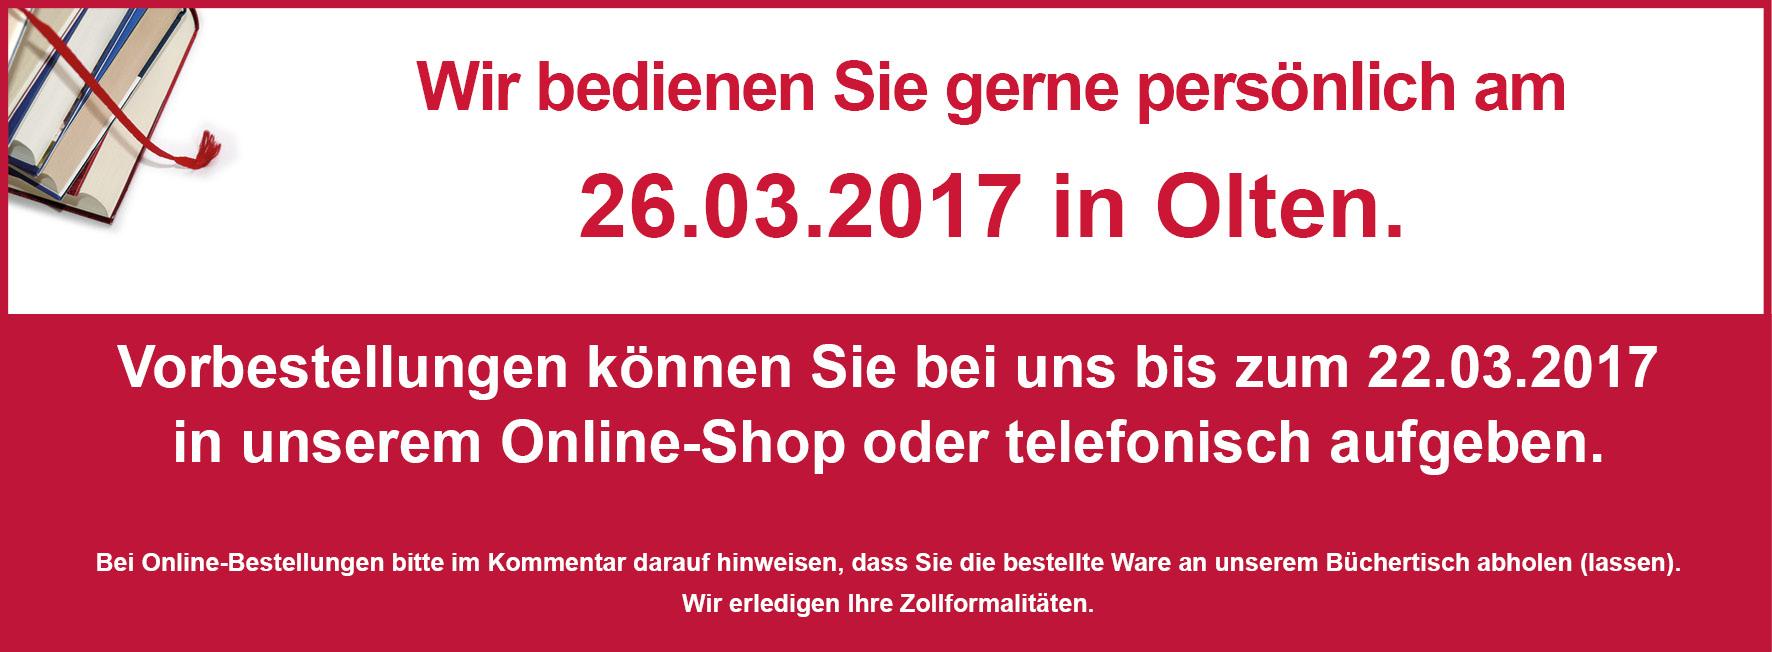 Hinweis_Internetseite_Schweiz_Olten-2017